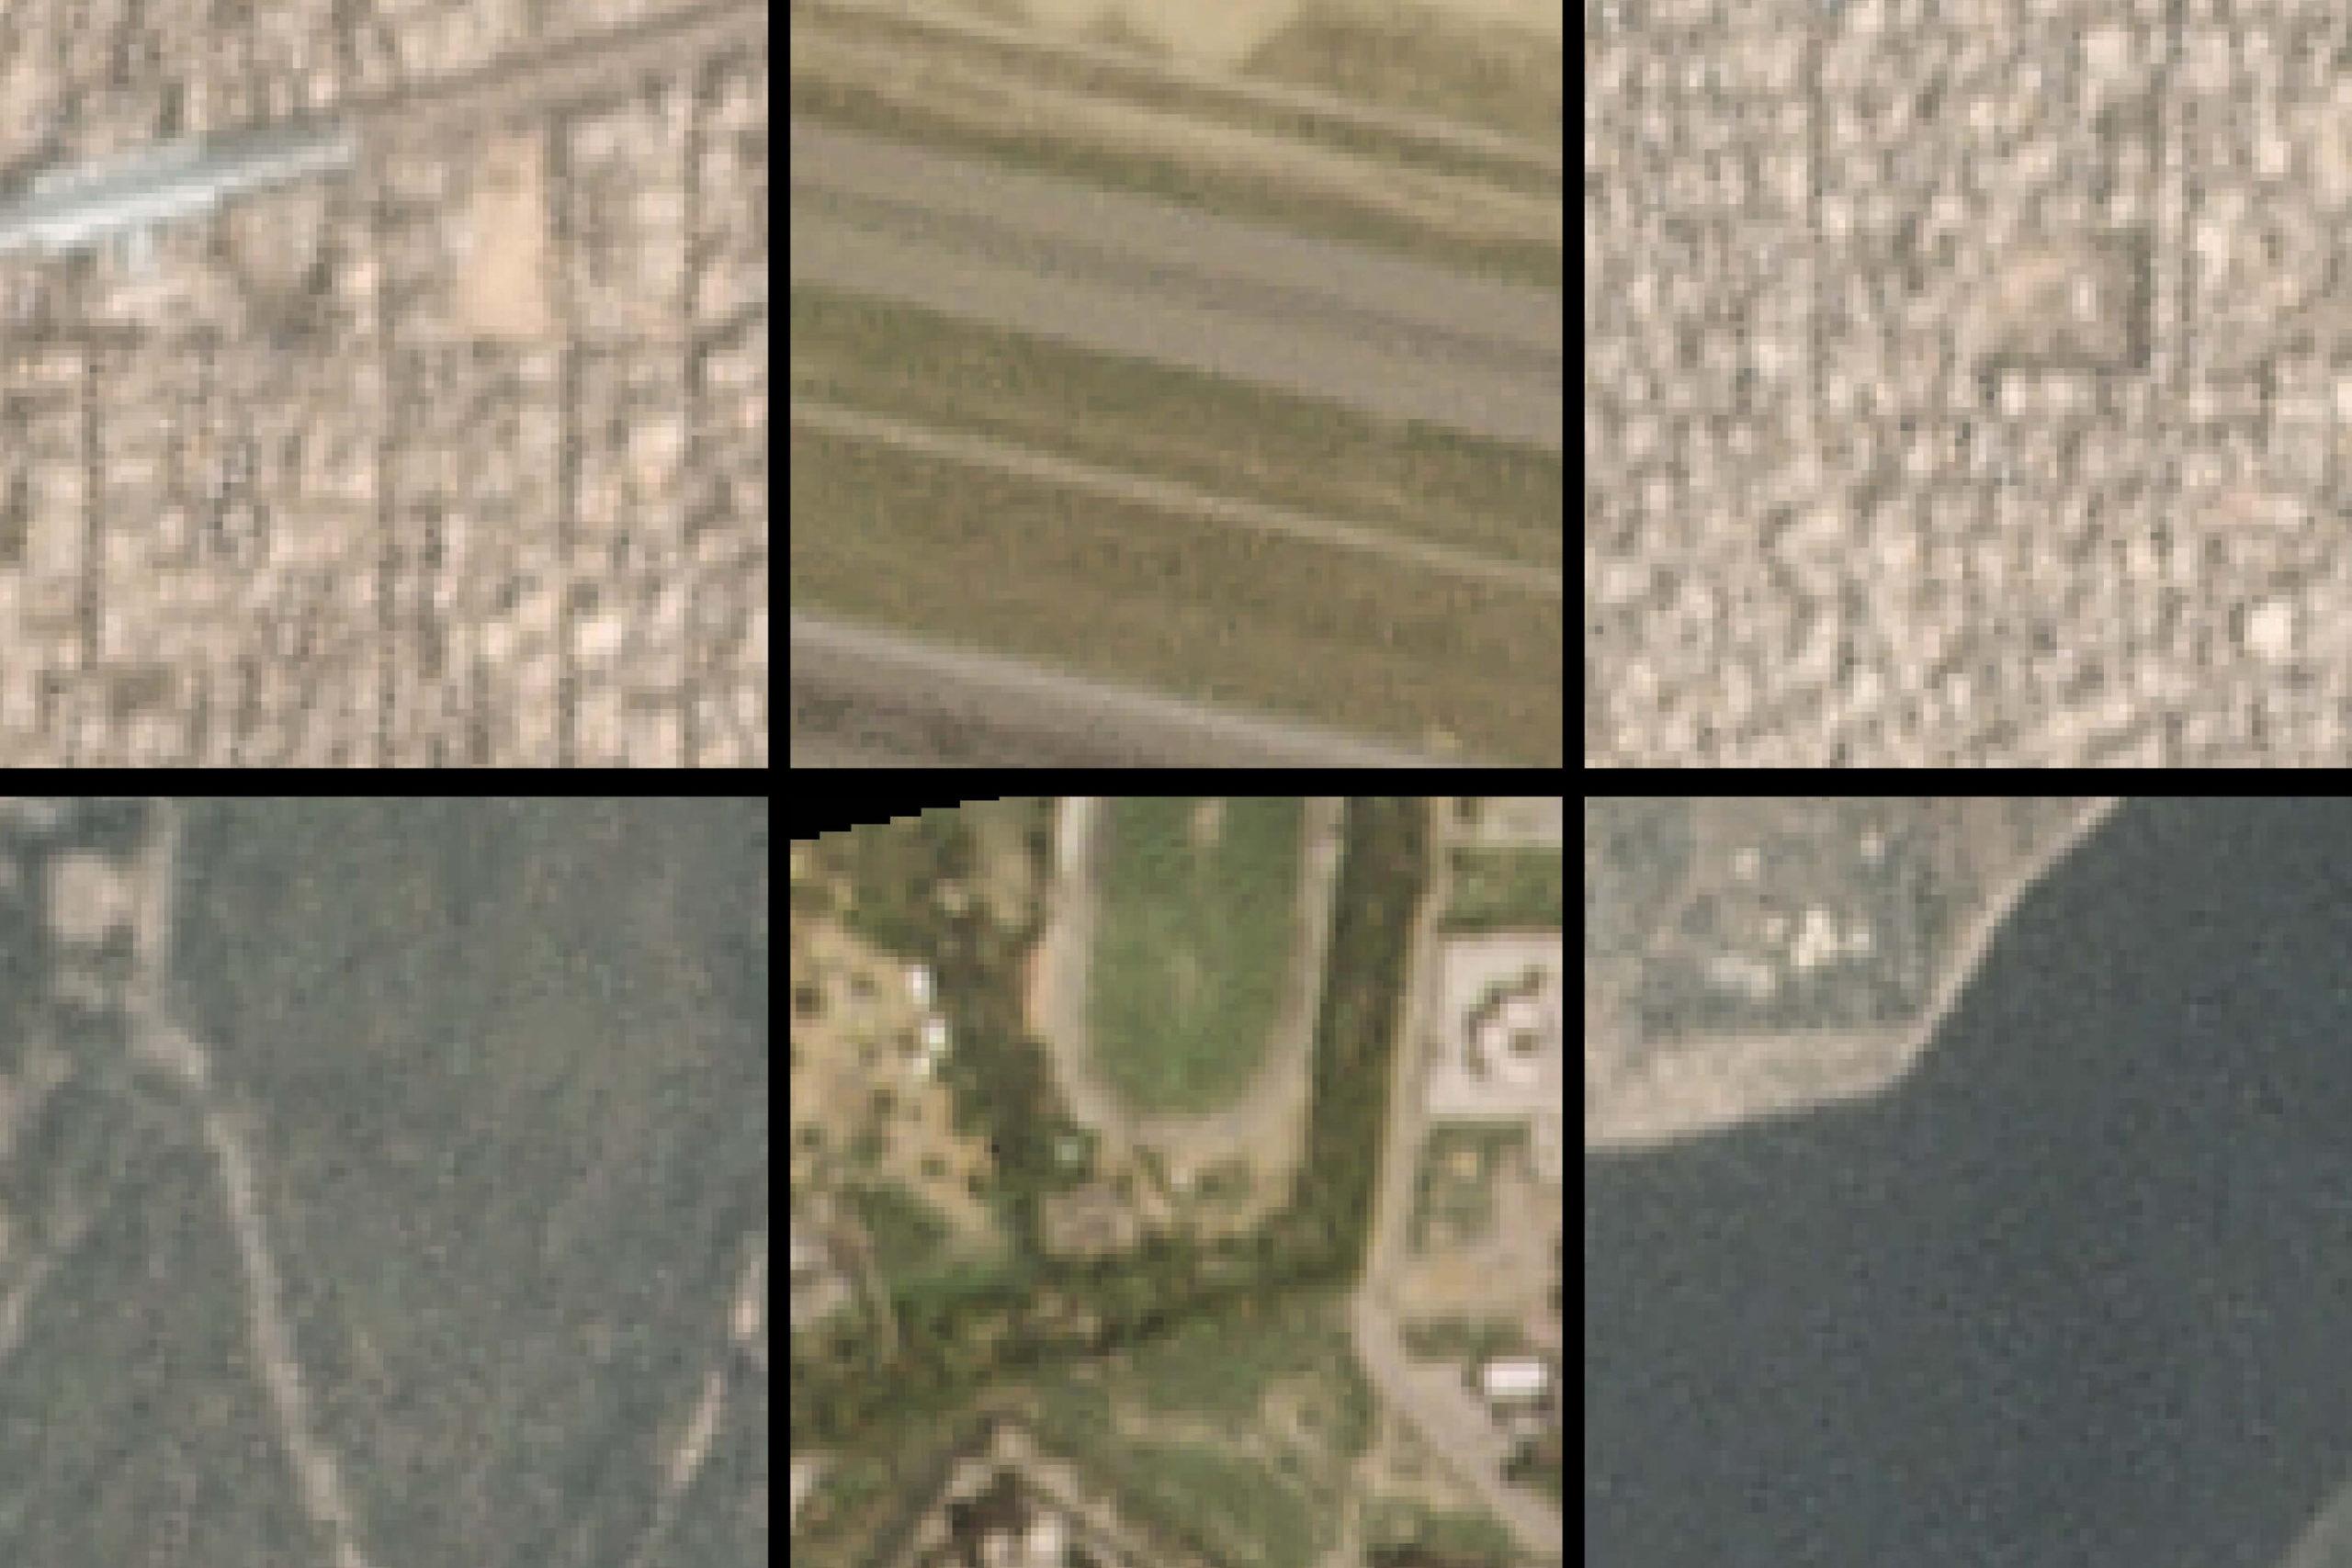 ІІ визначає локальні осередки забруднення за допомогою супутникових знімків